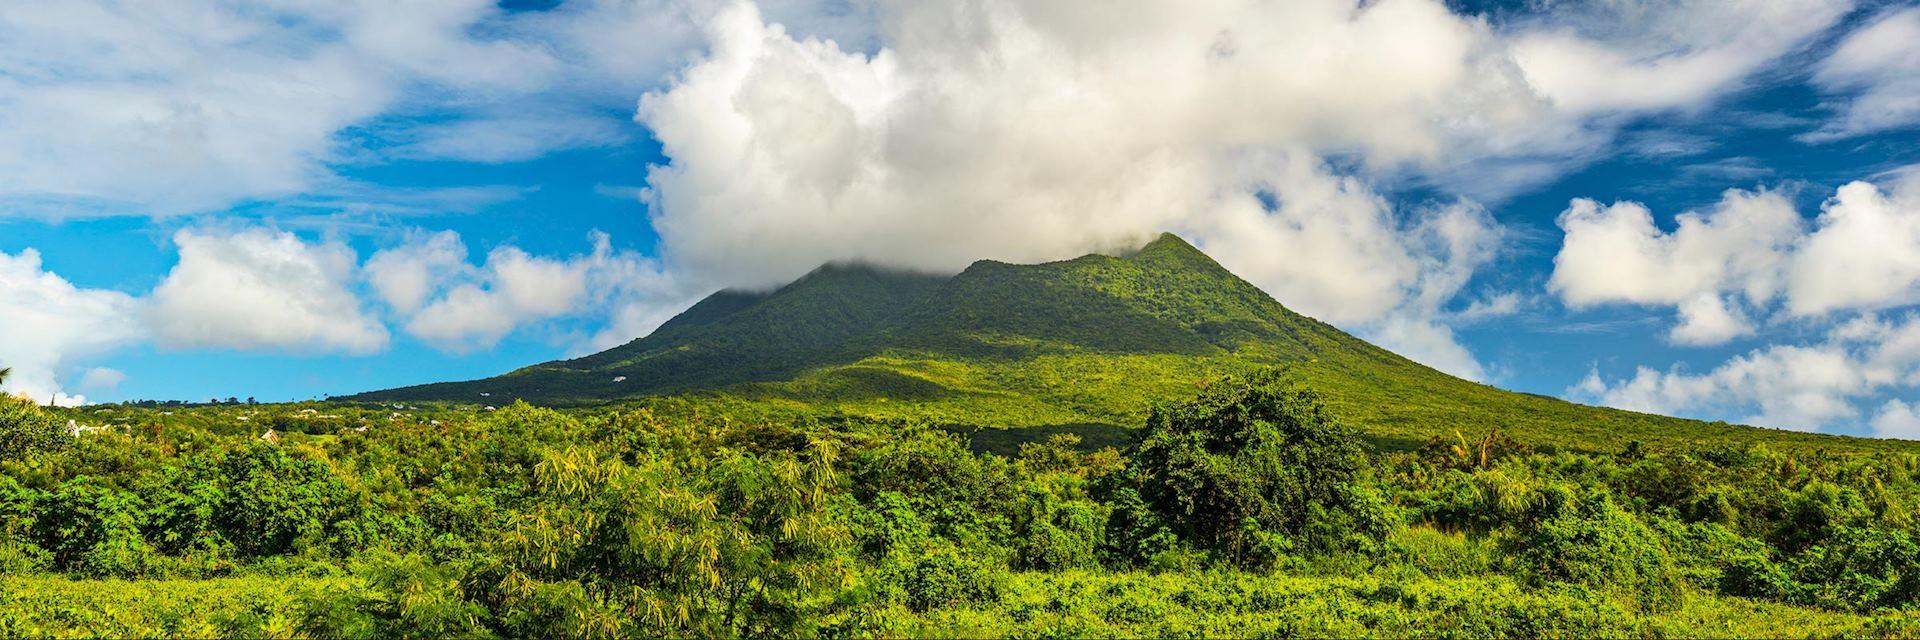 Nevis Peak, Saint Kitts and Nevis